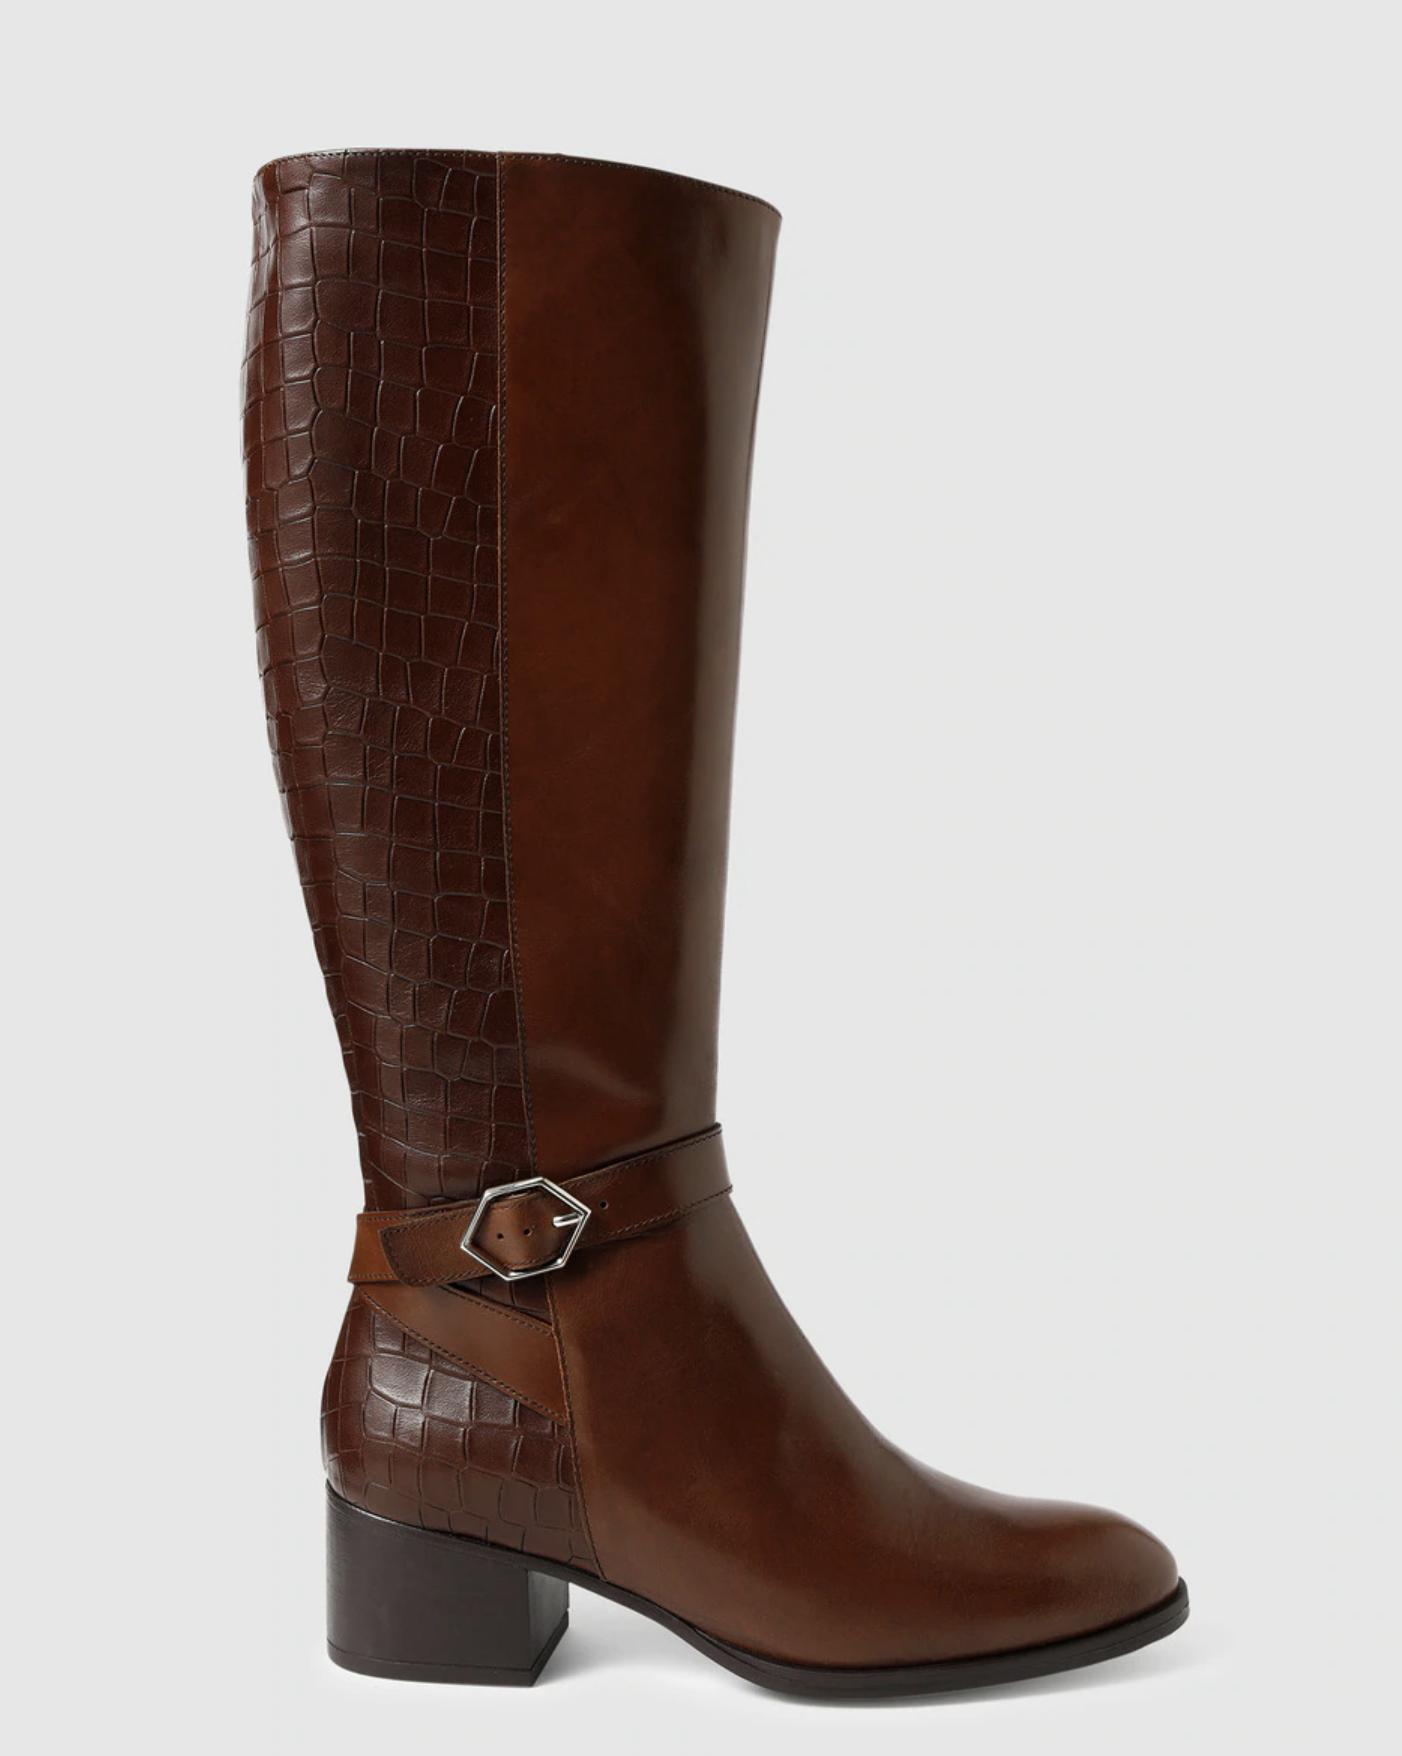 Botas de mujer Wonders en color marrón con hebilla